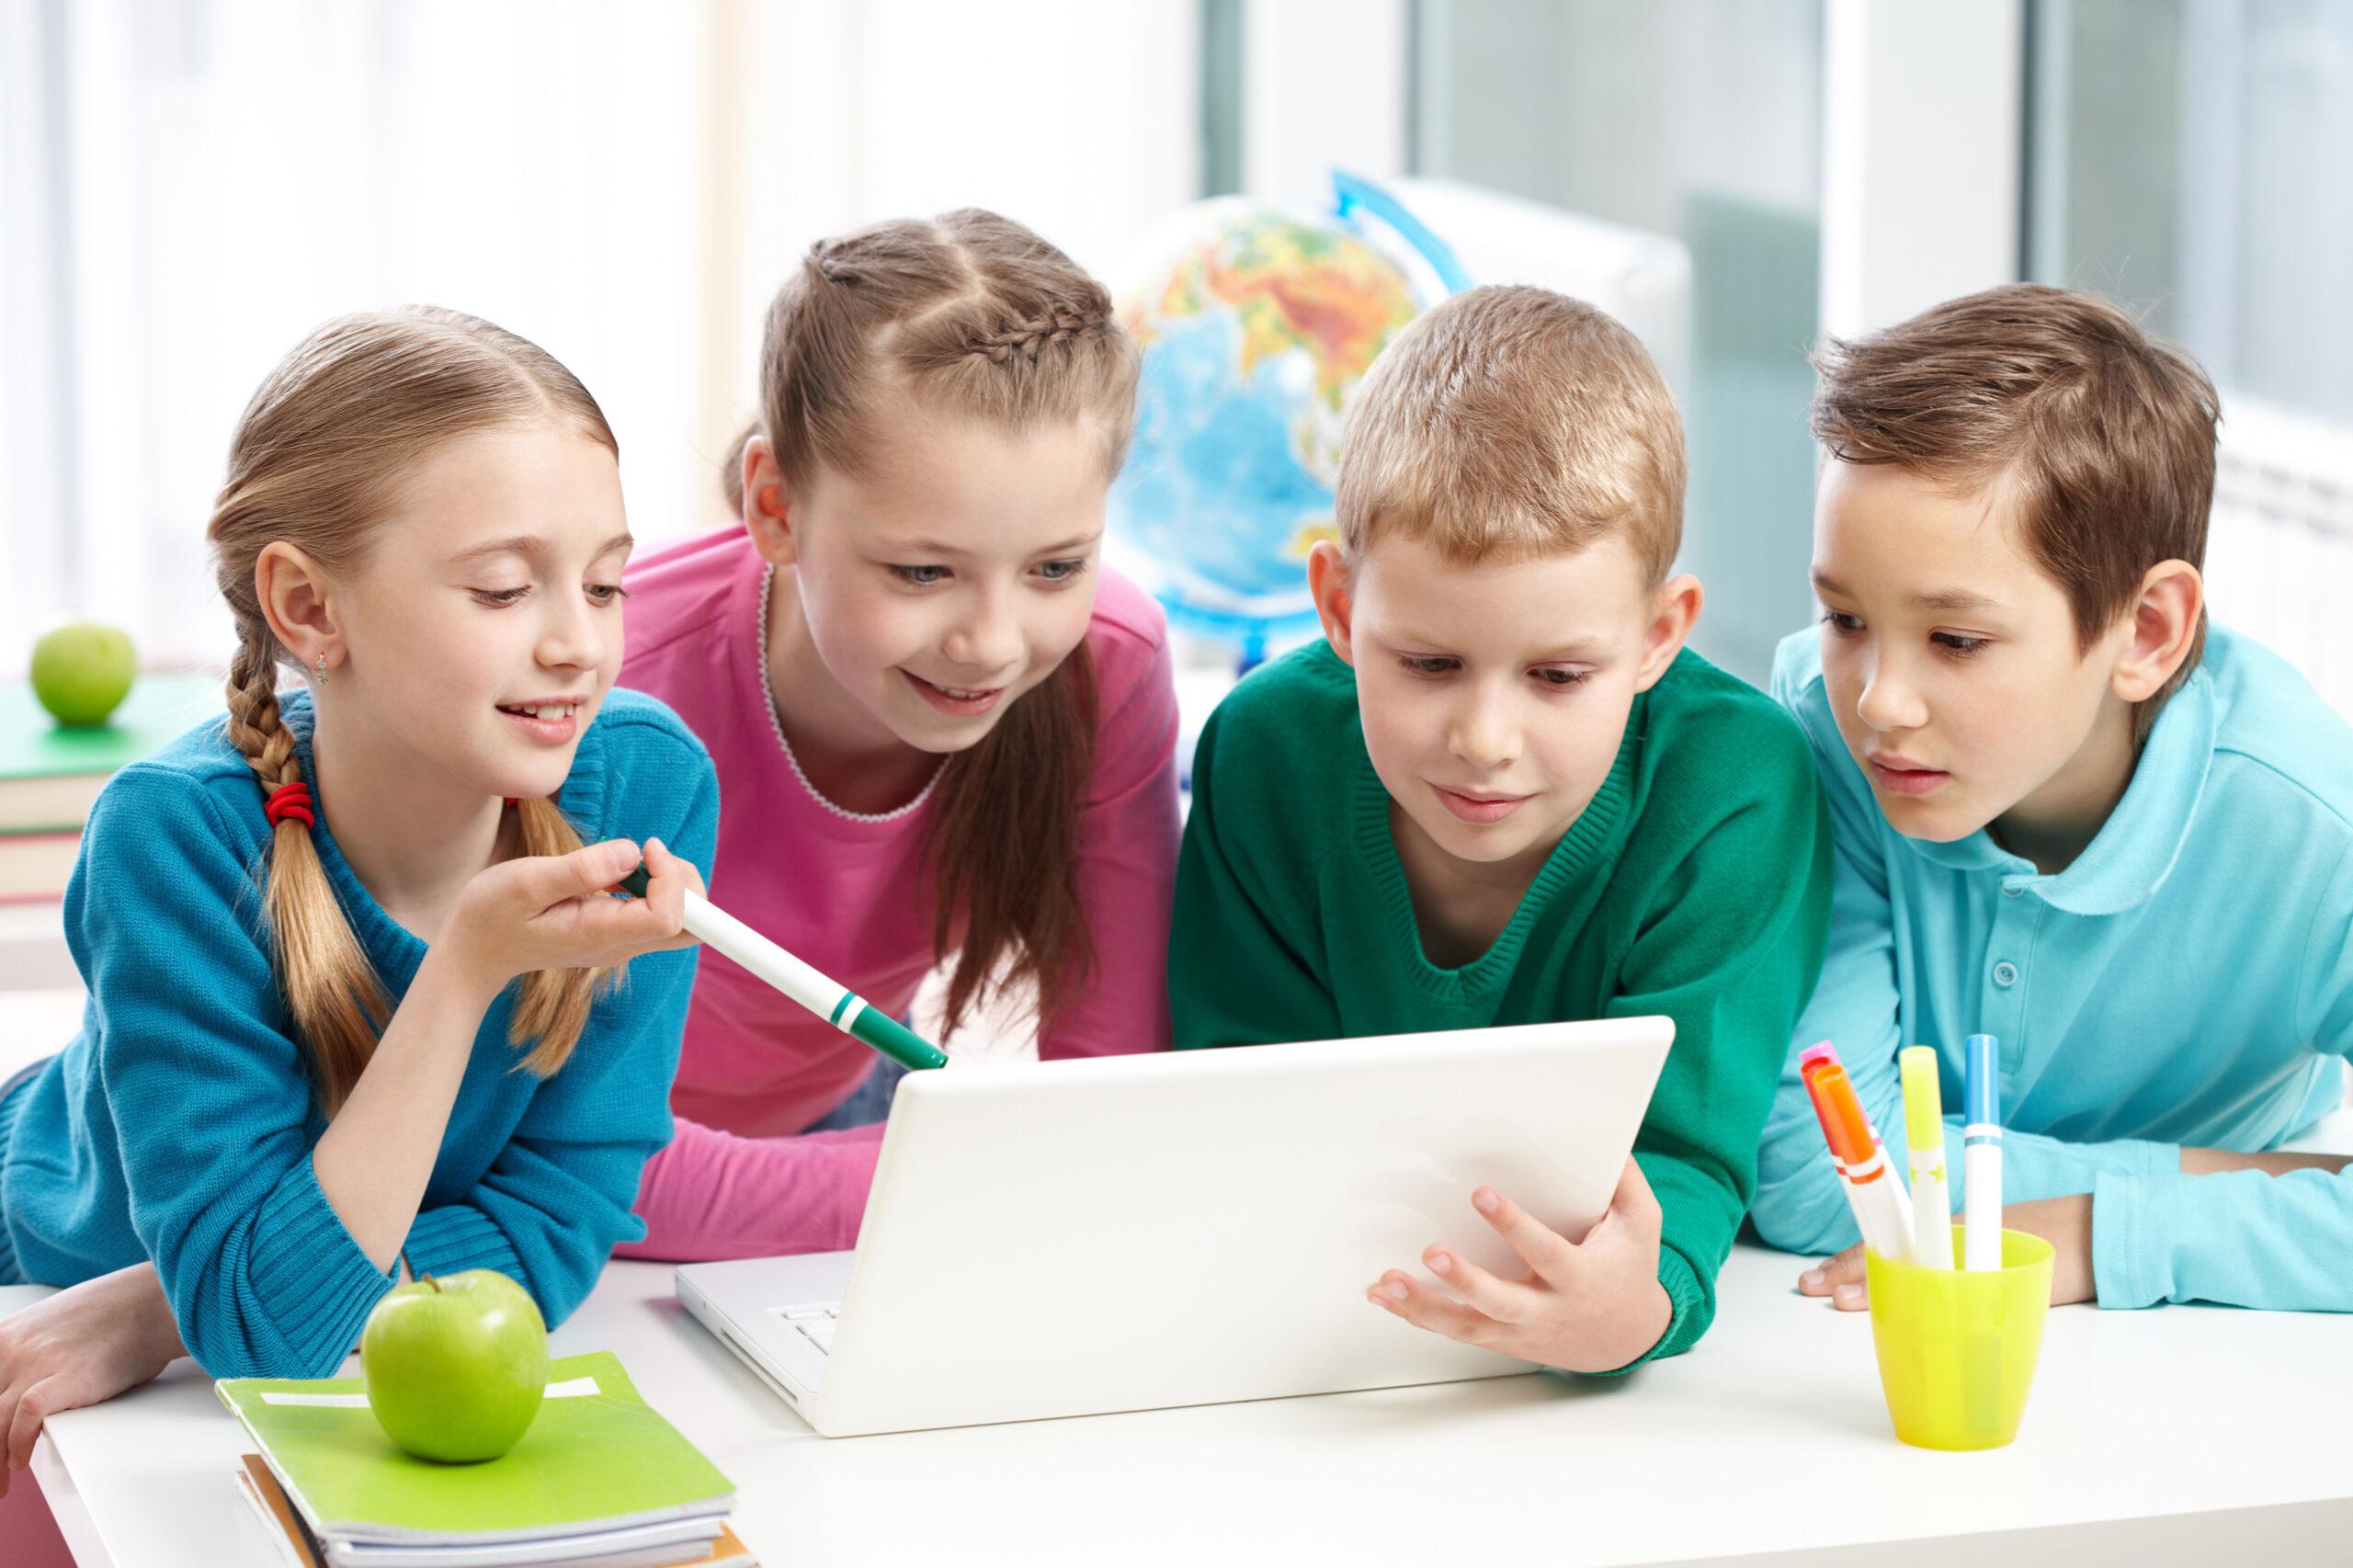 Komputery i Internet – 5 przydatnych angielskich wyrażeń